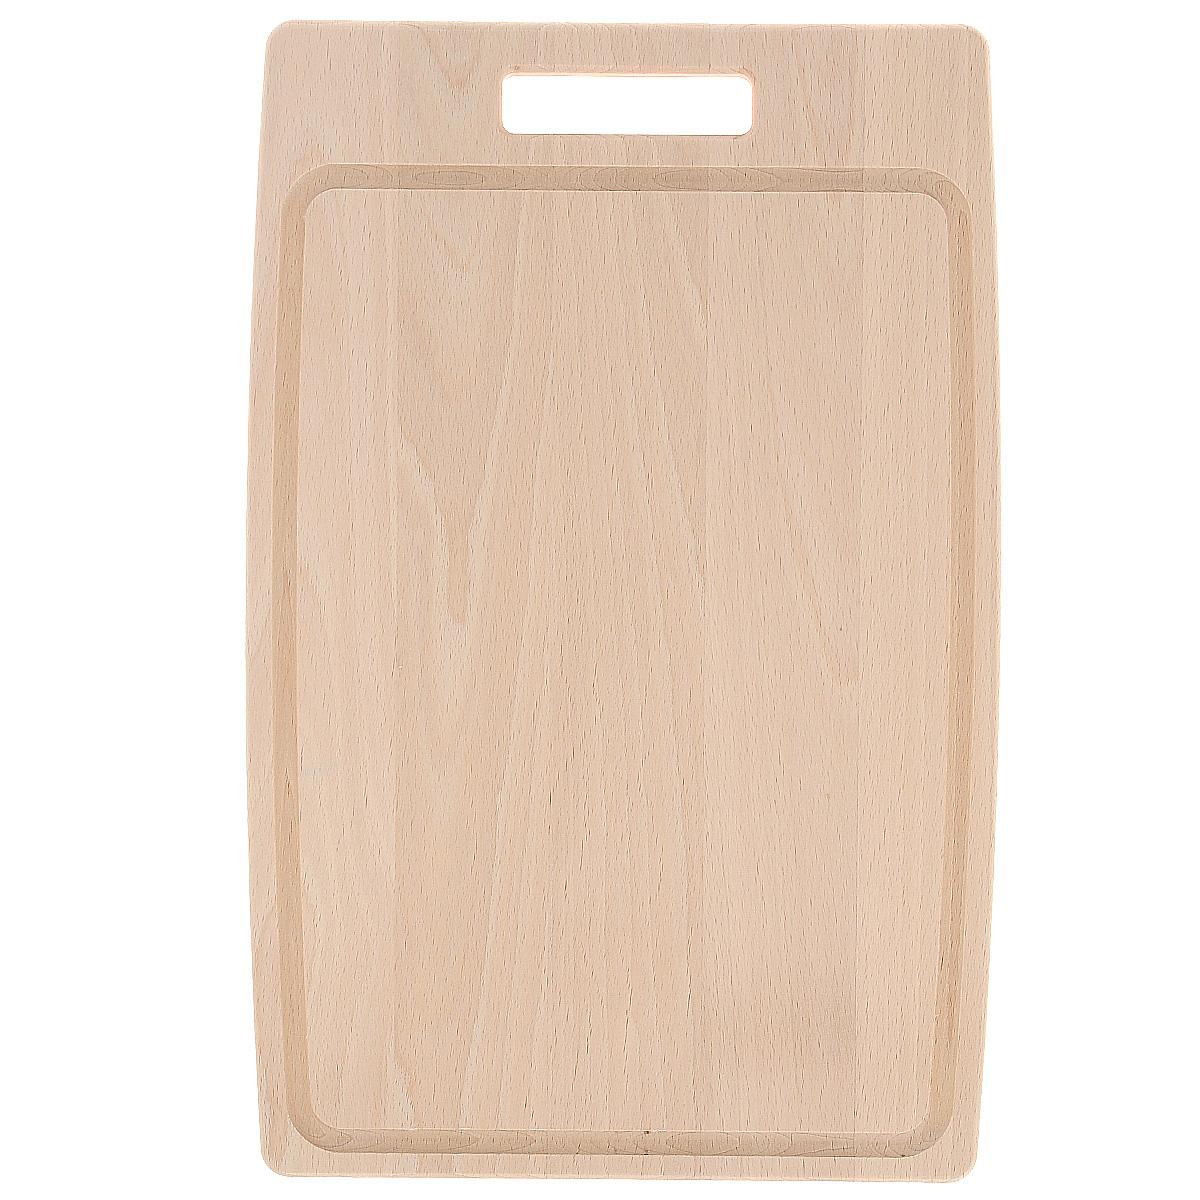 Доска разделочная Tescoma Home Profi, 40 х 26 см379516Прямоугольная разделочная доска Tescoma Home Profi изготовлена из высококачественной древесины бука. Бук - это особо прочный материал, который прослужит вам долгие годы. Доска оснащена удобной ручкой. Функциональная и простая в использовании, разделочная доска Tescoma Home Profi прекрасно впишется в интерьер любой кухни. Не мыть в посудомоечной машине.